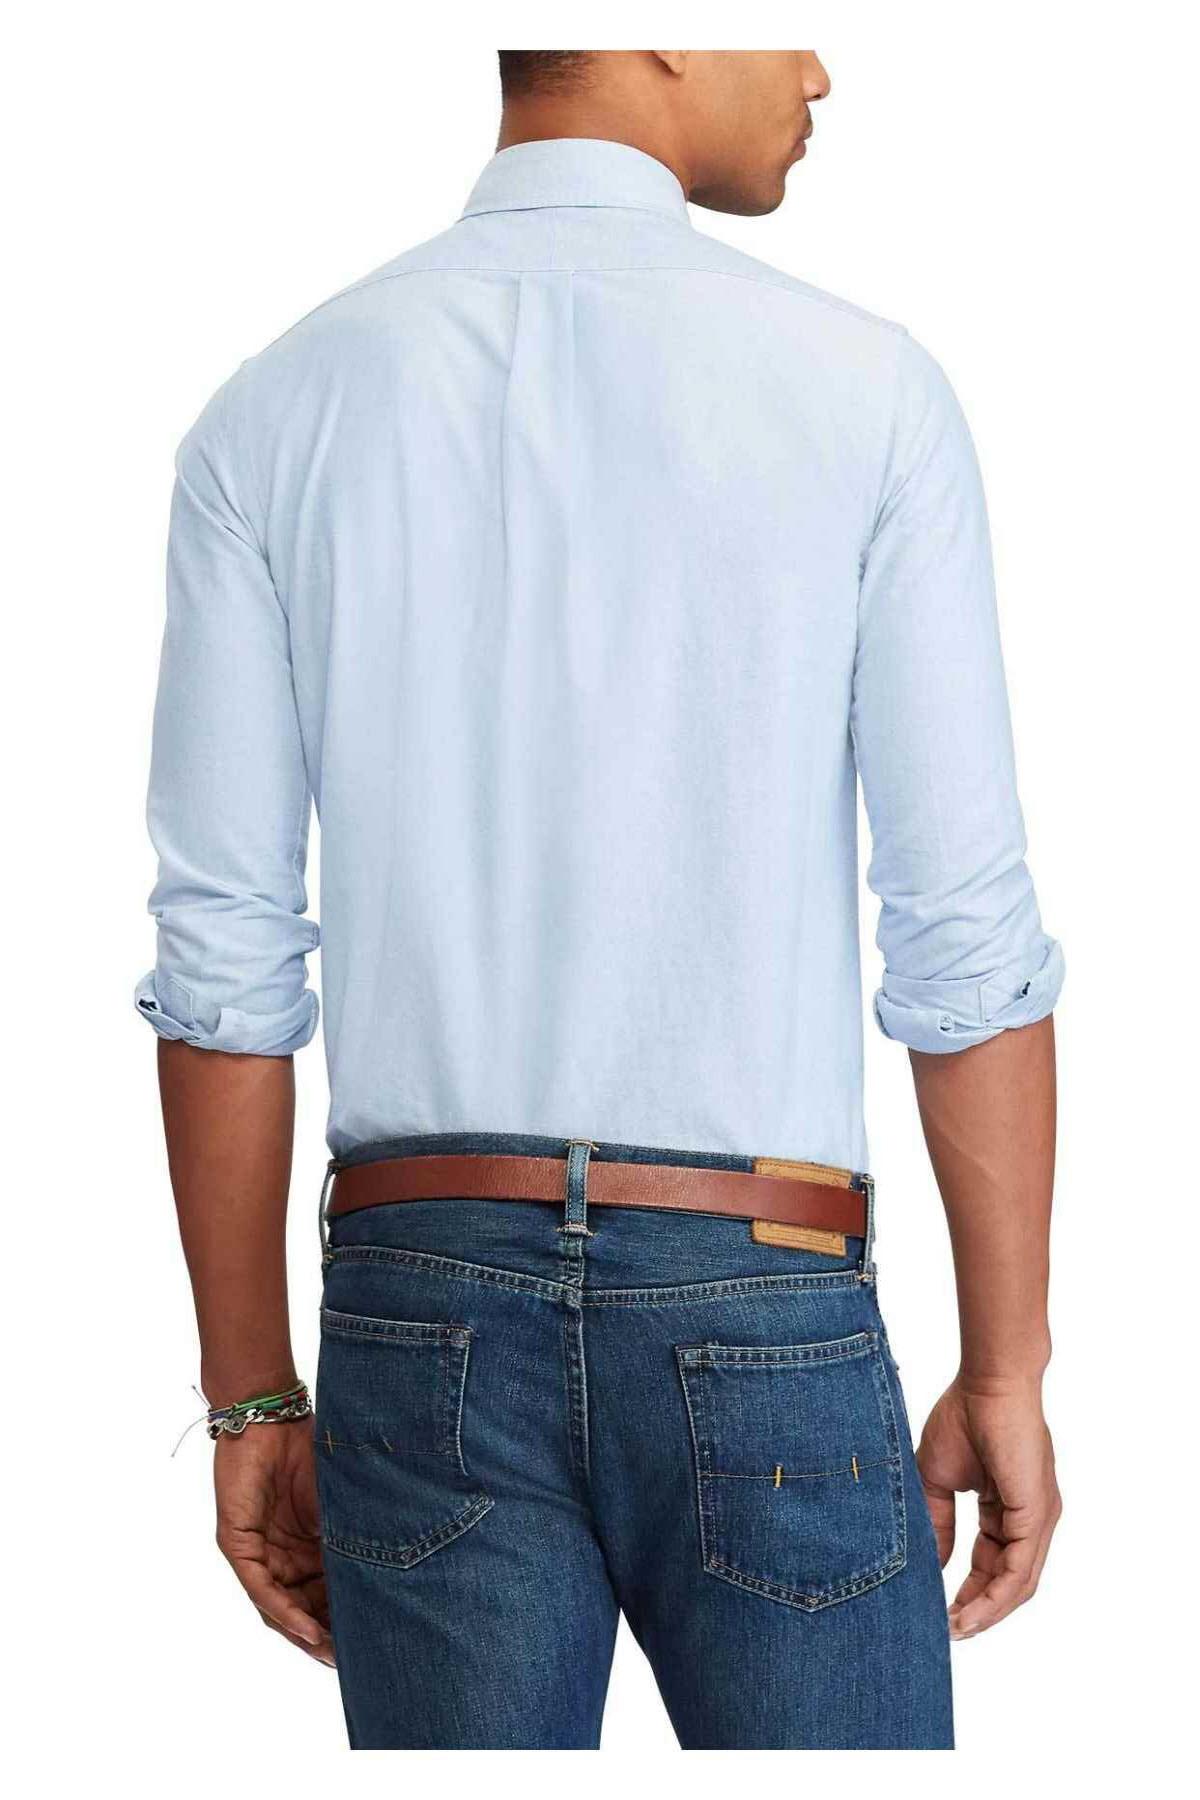 Polo Ralph Lauren Erkek Mavi Gömlek 3830056747060 2